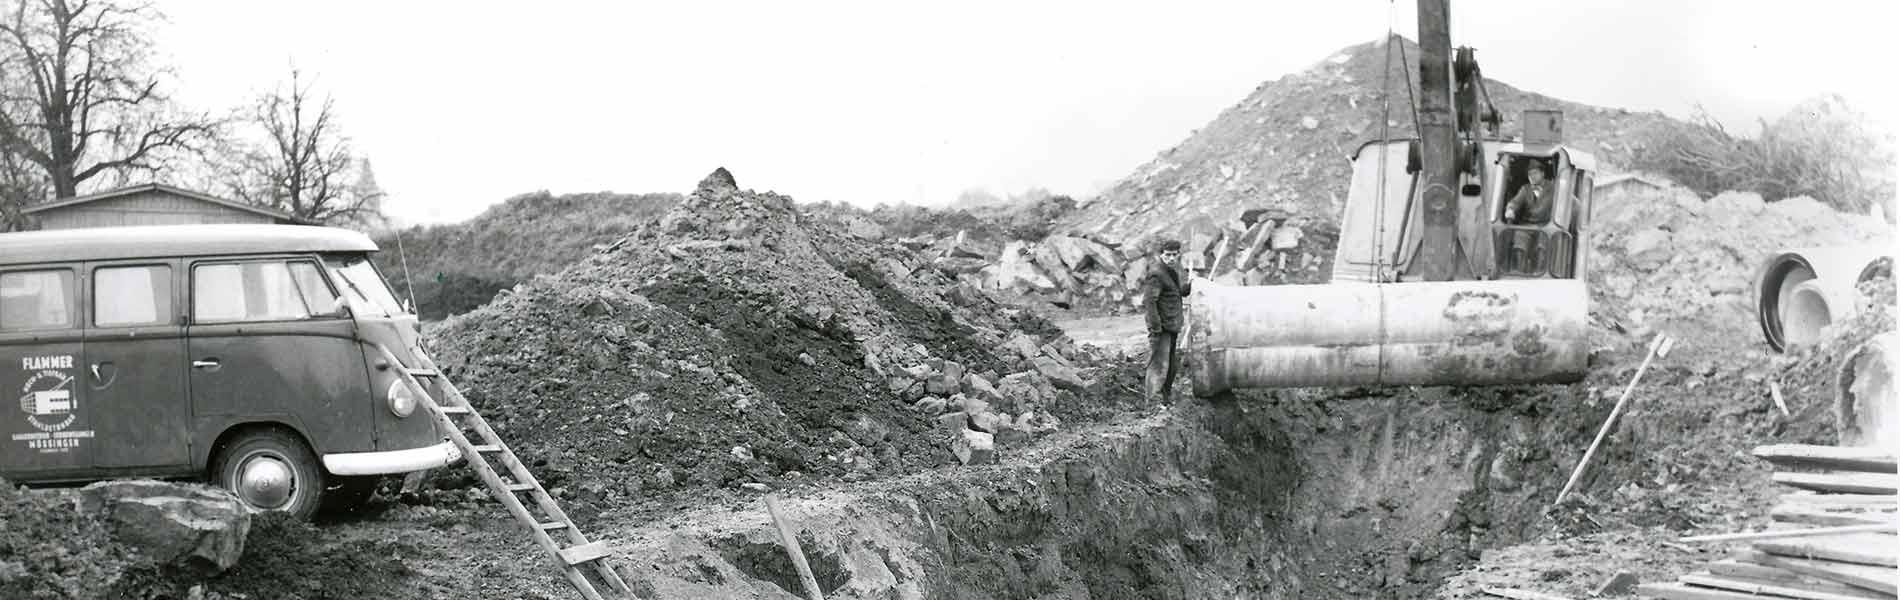 Rohrleitungsbau Flammer Historie